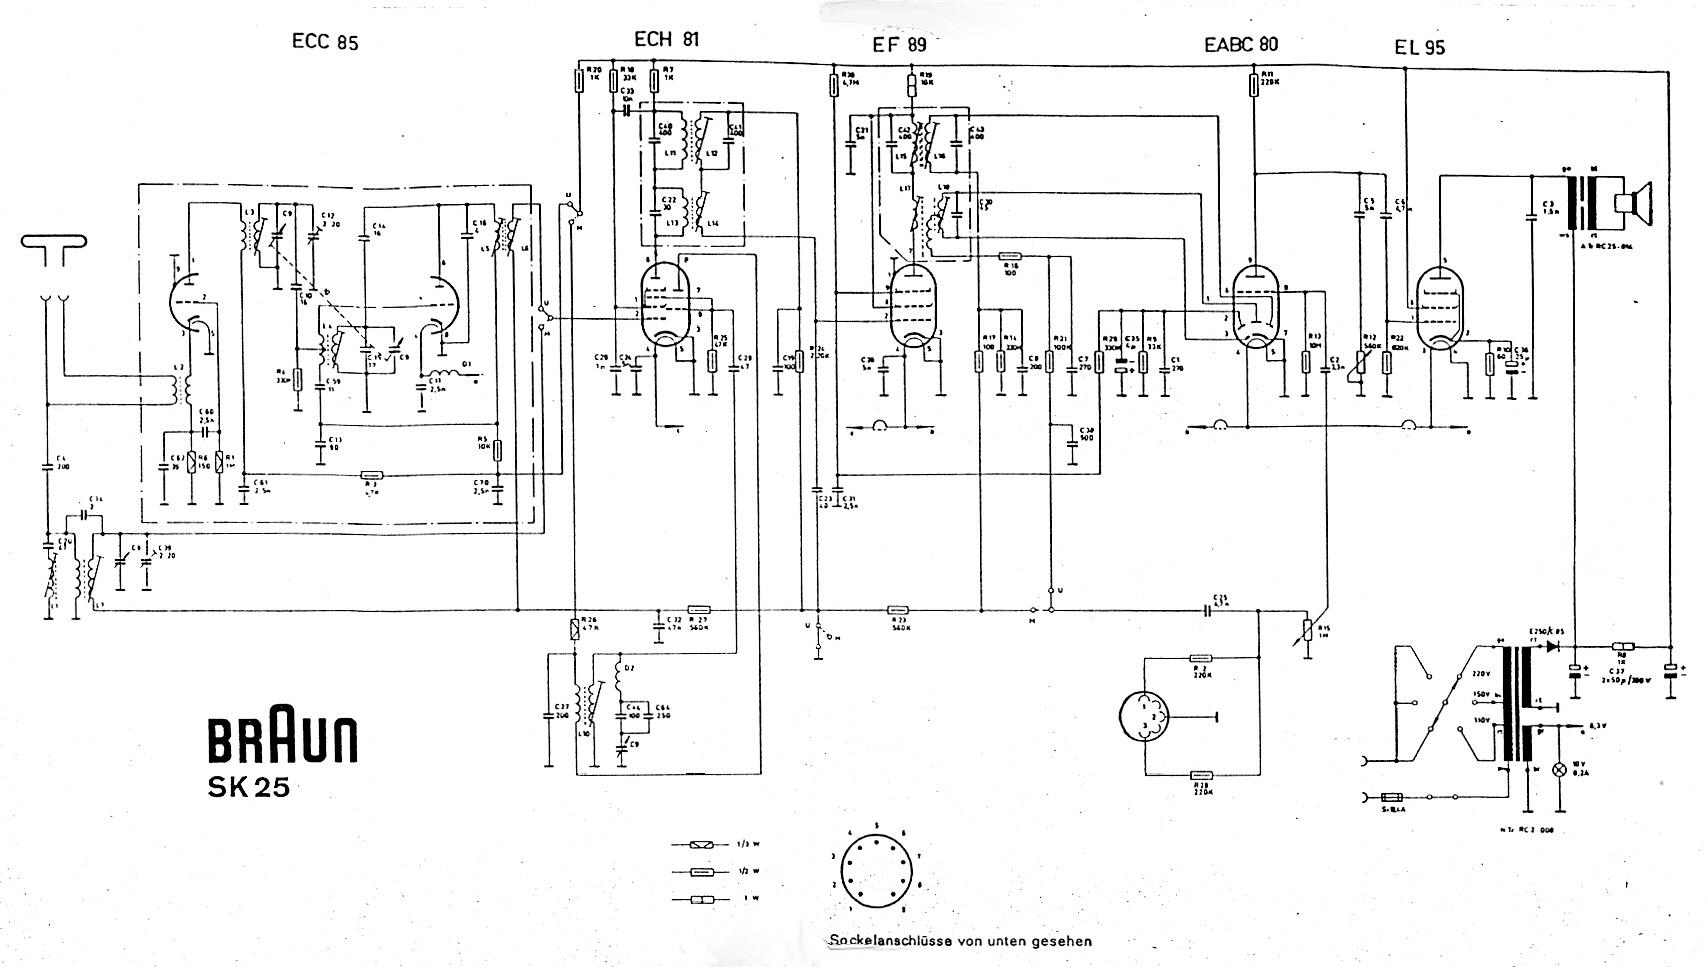 Dampfradioforum • Thema anzeigen - Braun SK25